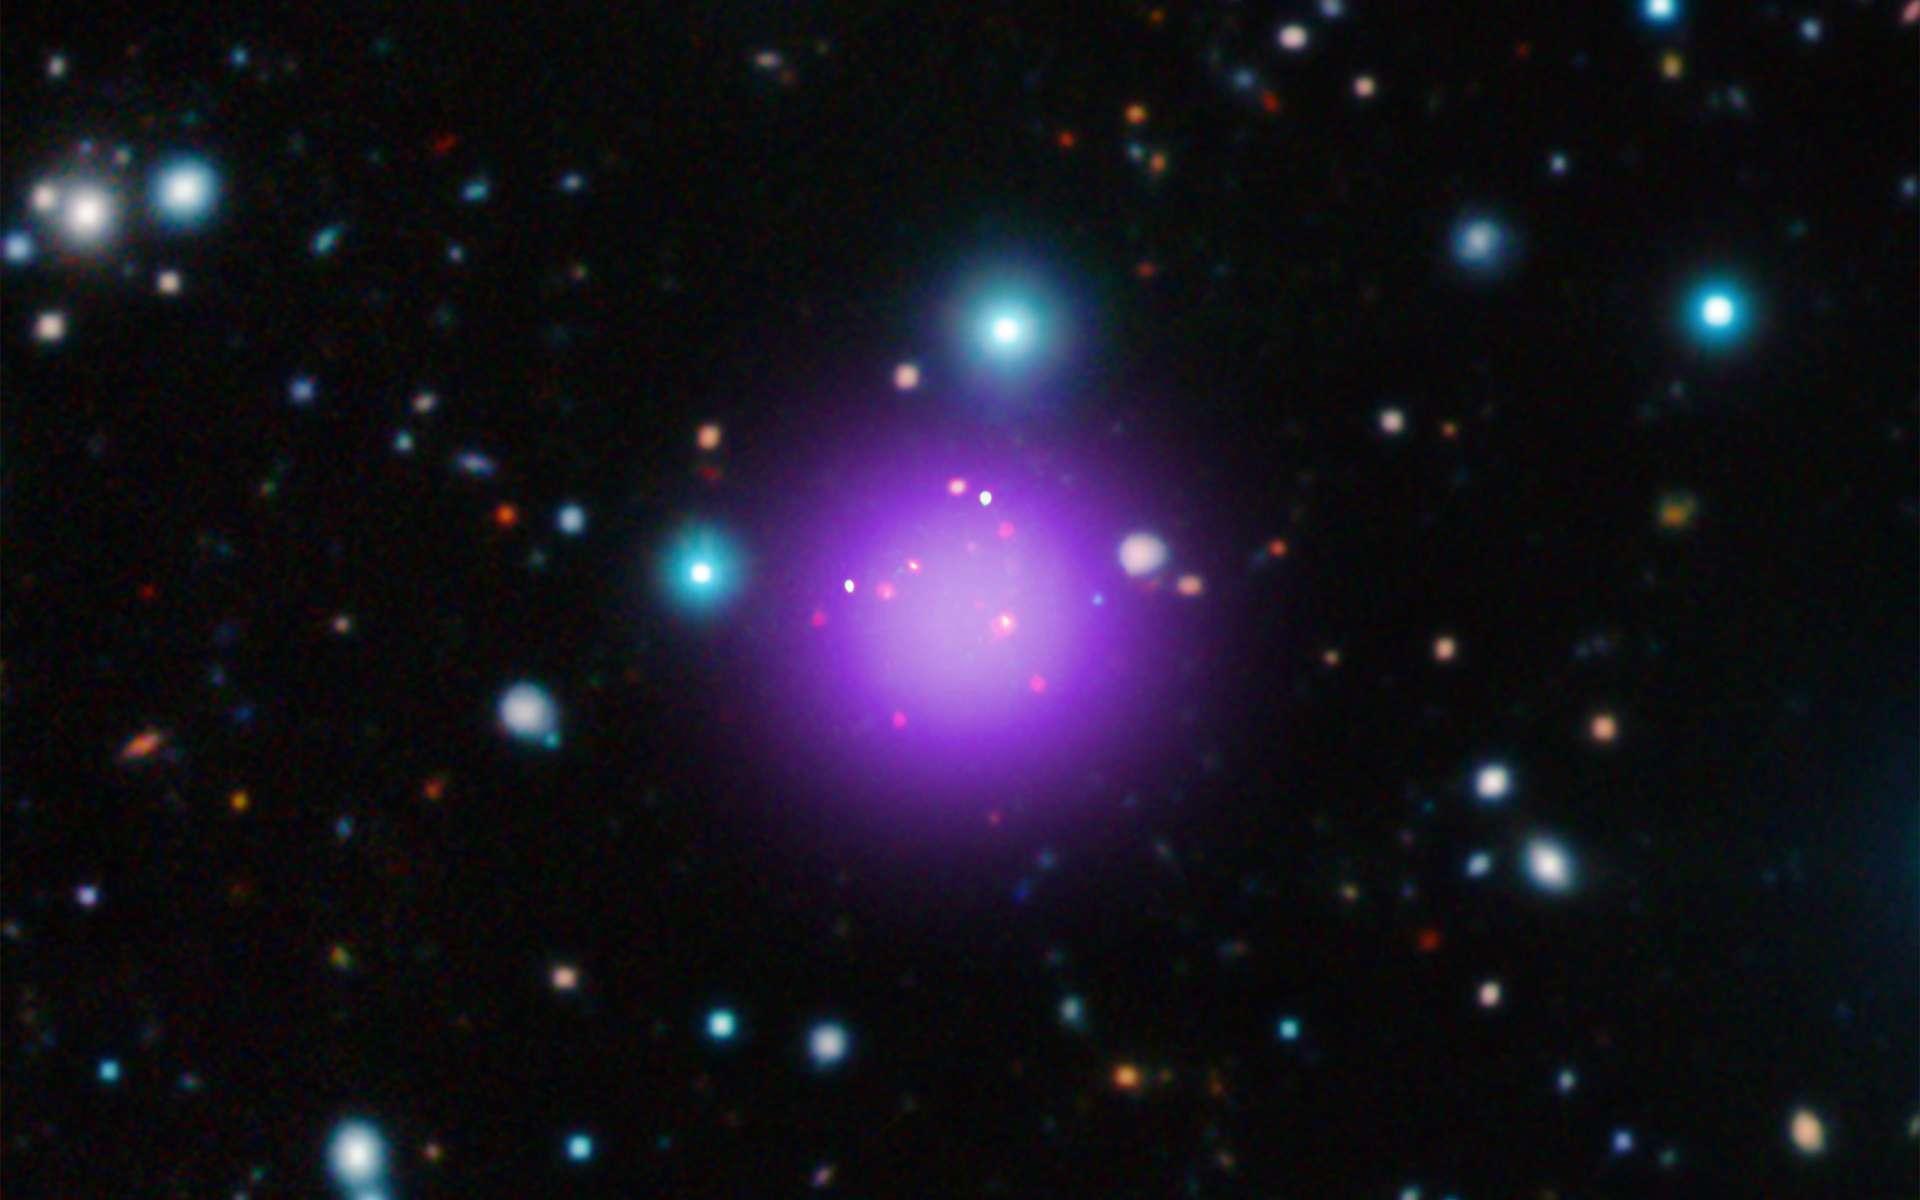 Les amas de galaxies tels que CL J1001+0220, qui est donc l'amas le plus lointain connu, constituent les plus grandes accumulations de matière soudées par la gravitation qui sont nées depuis le Big Bang. Selon le scénario accepté de formation hiérarchique des structures, ces amas se seraient formés en dernier, après les étoiles puis les galaxies. L'image montre en violet l'émission de rayons X, captée par le satellite Chandra. Ceux-ci sont issus de la matière située entre les galaxies et qui est chauffée à plusieurs millions de degrés par l'énorme gravité de l'amas. © X-ray : NASA/CXC/Université Paris/T.Wang et al ; Infrared : ESO/UltraVISTA ; Radio : ESO/NAOJ/NRAO/ALMA